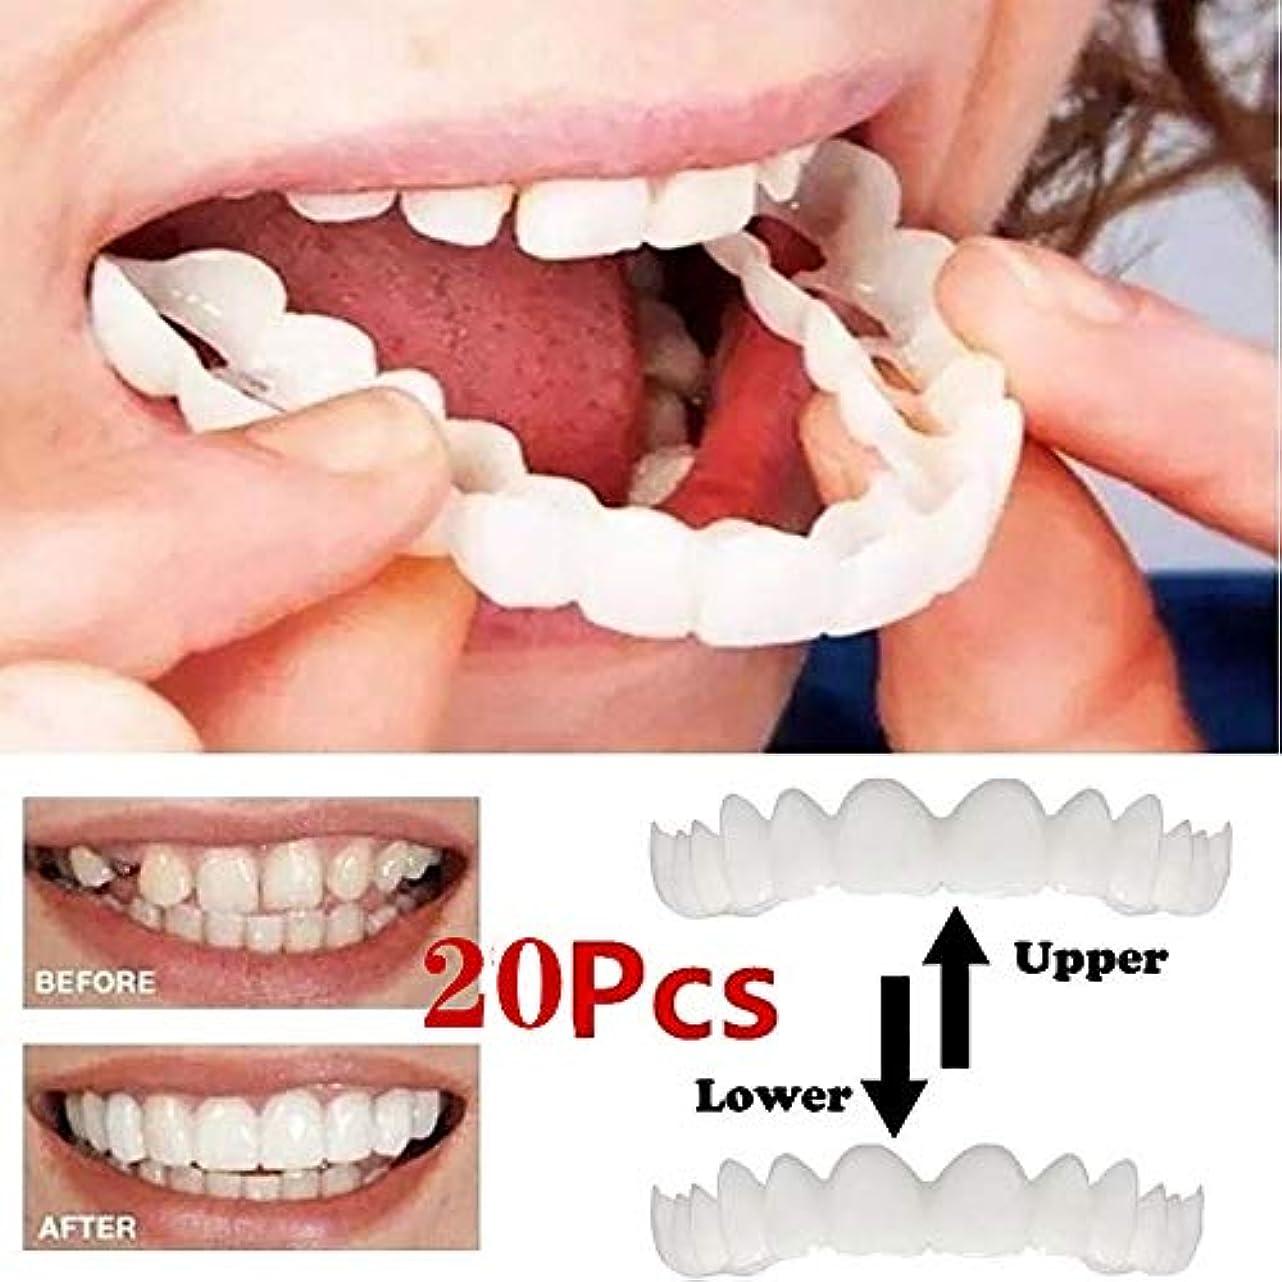 おもちゃ語困った突き板の歯、化粧品の歯 - 一時的な笑顔の快適さフィットフレックス化粧品の歯、偽歯、快適な上と下のベニヤ - 歯のベニヤ(10 /下+ / 10トップ)